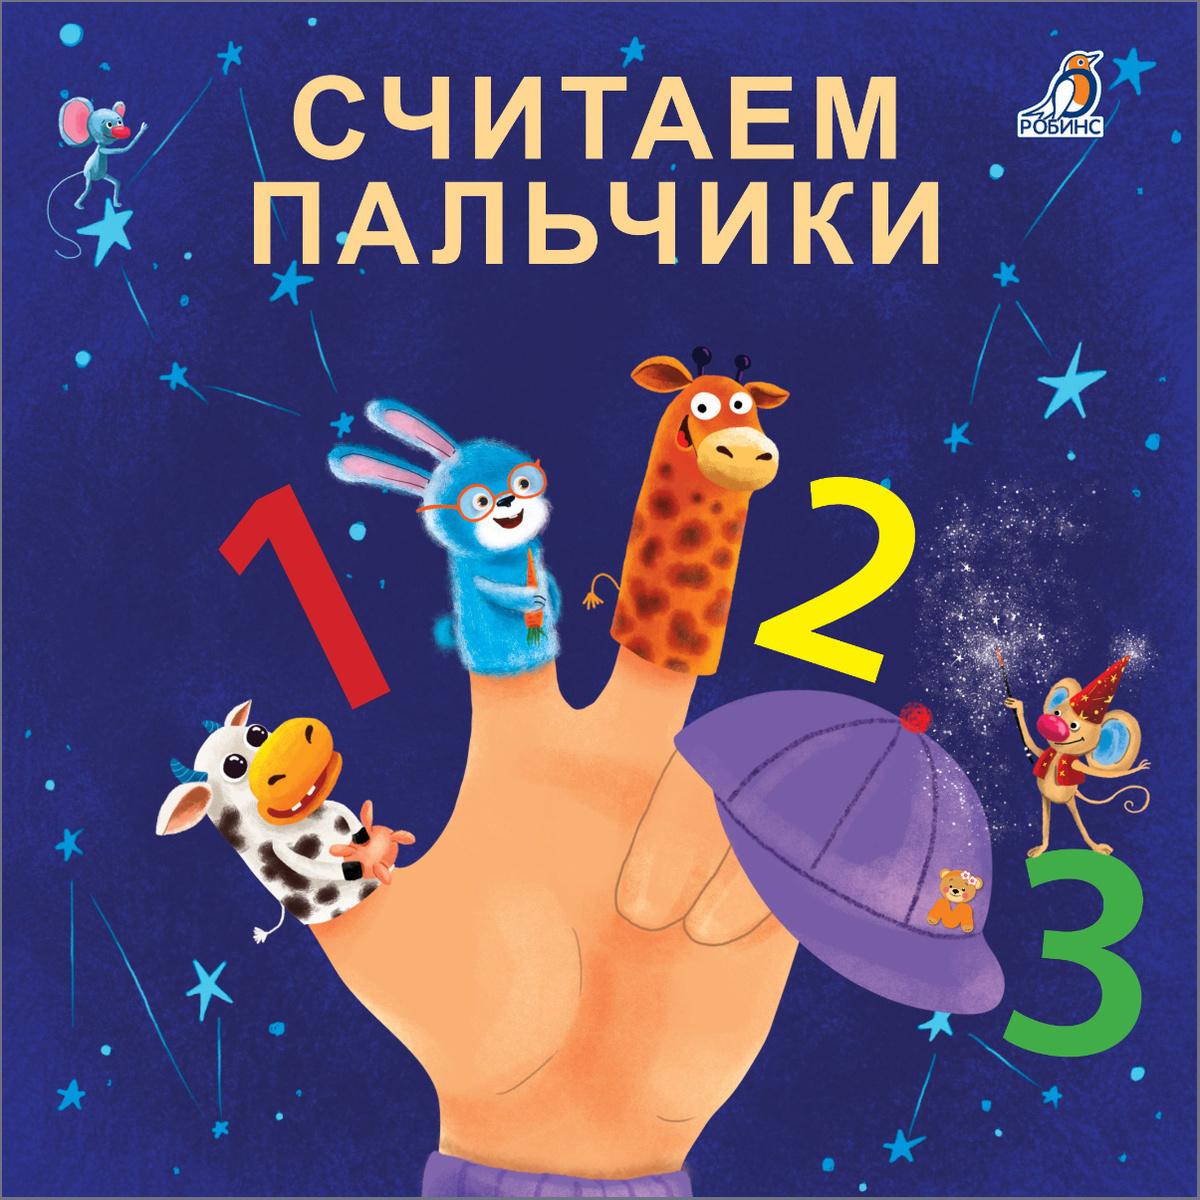 Считаем пальчики. Книжка-картонка   Сосновский Евгений Анатольевич  #1